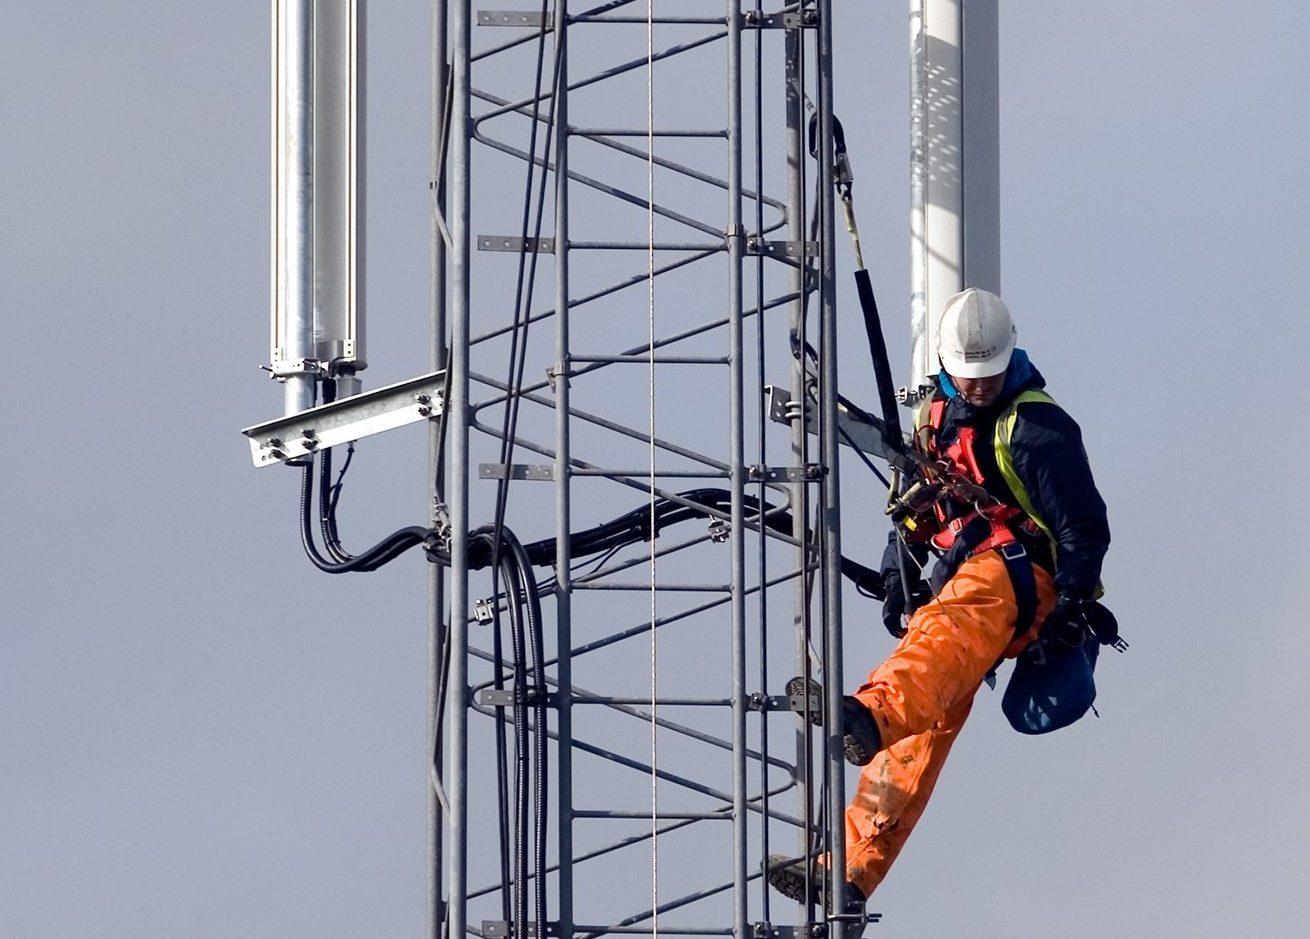 Comvergent's network build capabilities